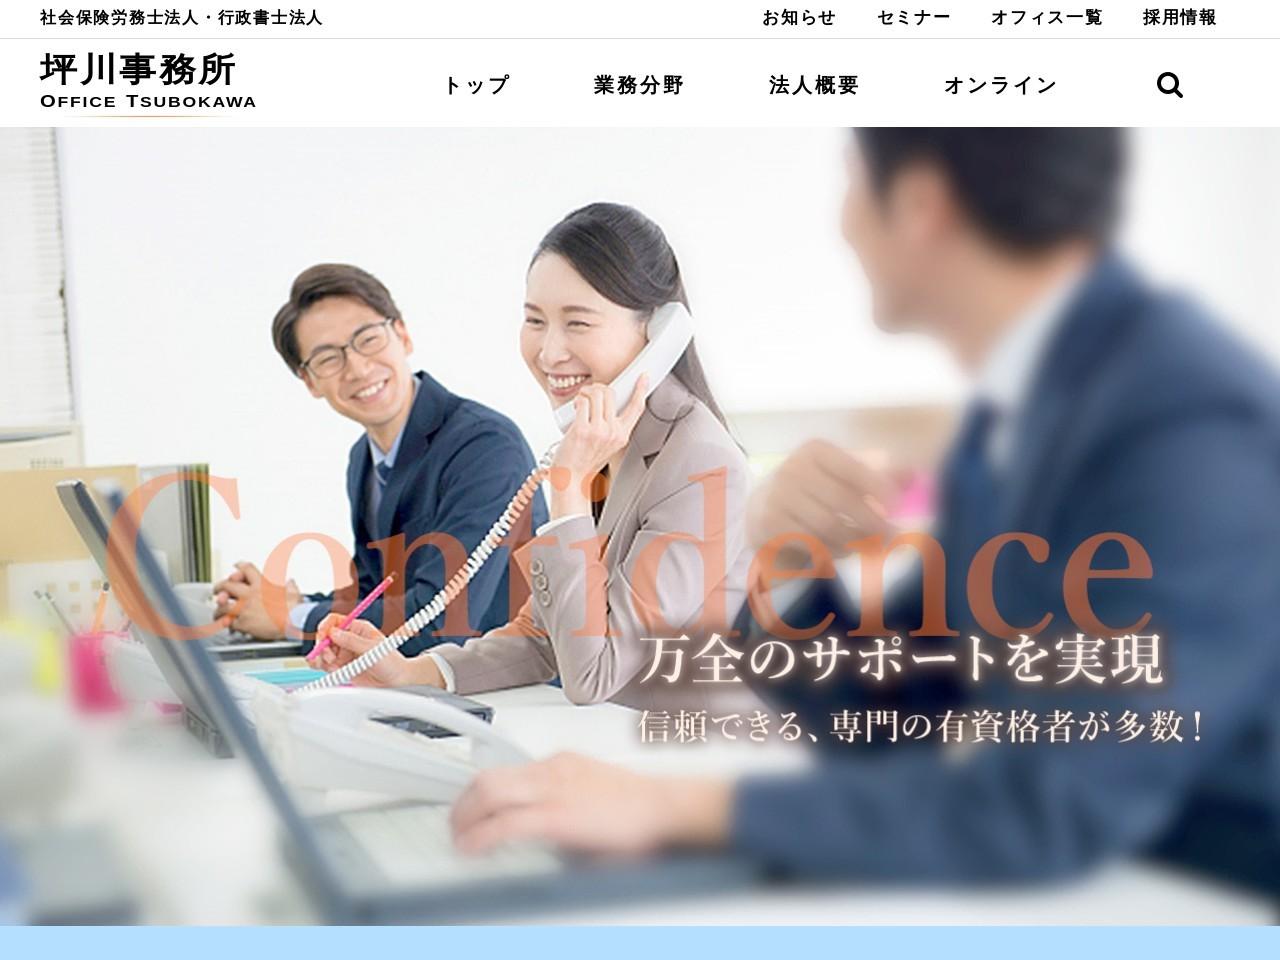 坪川事務所(社会保険労務士法人)